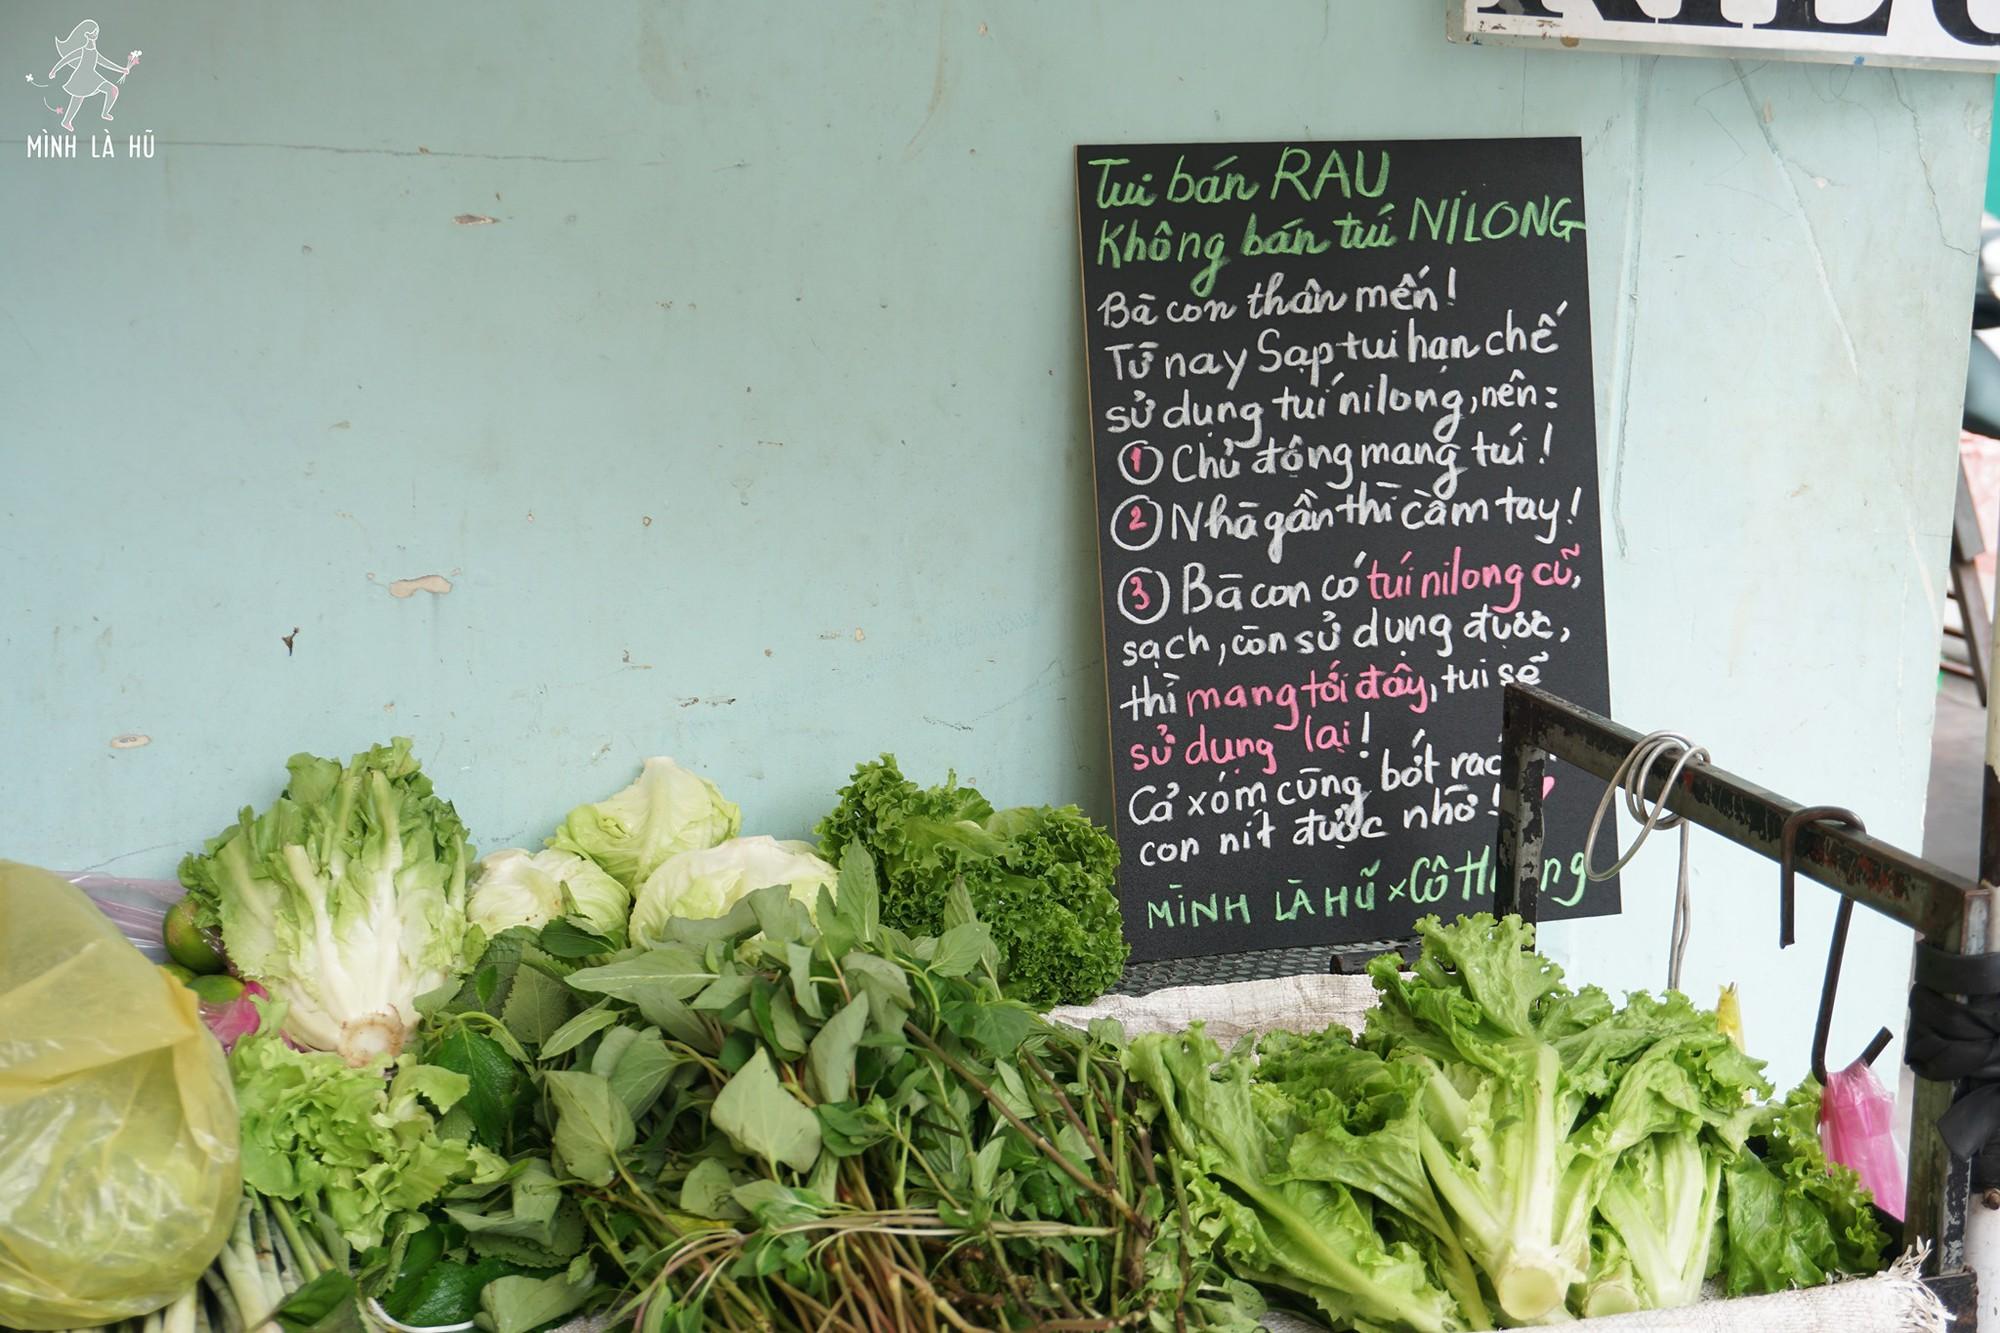 Người tặng tấm biển Tui bán rau, không bán túi nilon cho các sạp hàng ở Sài Gòn: Các cô chú làm được thì chúng mình cũng làm được! - Ảnh 1.